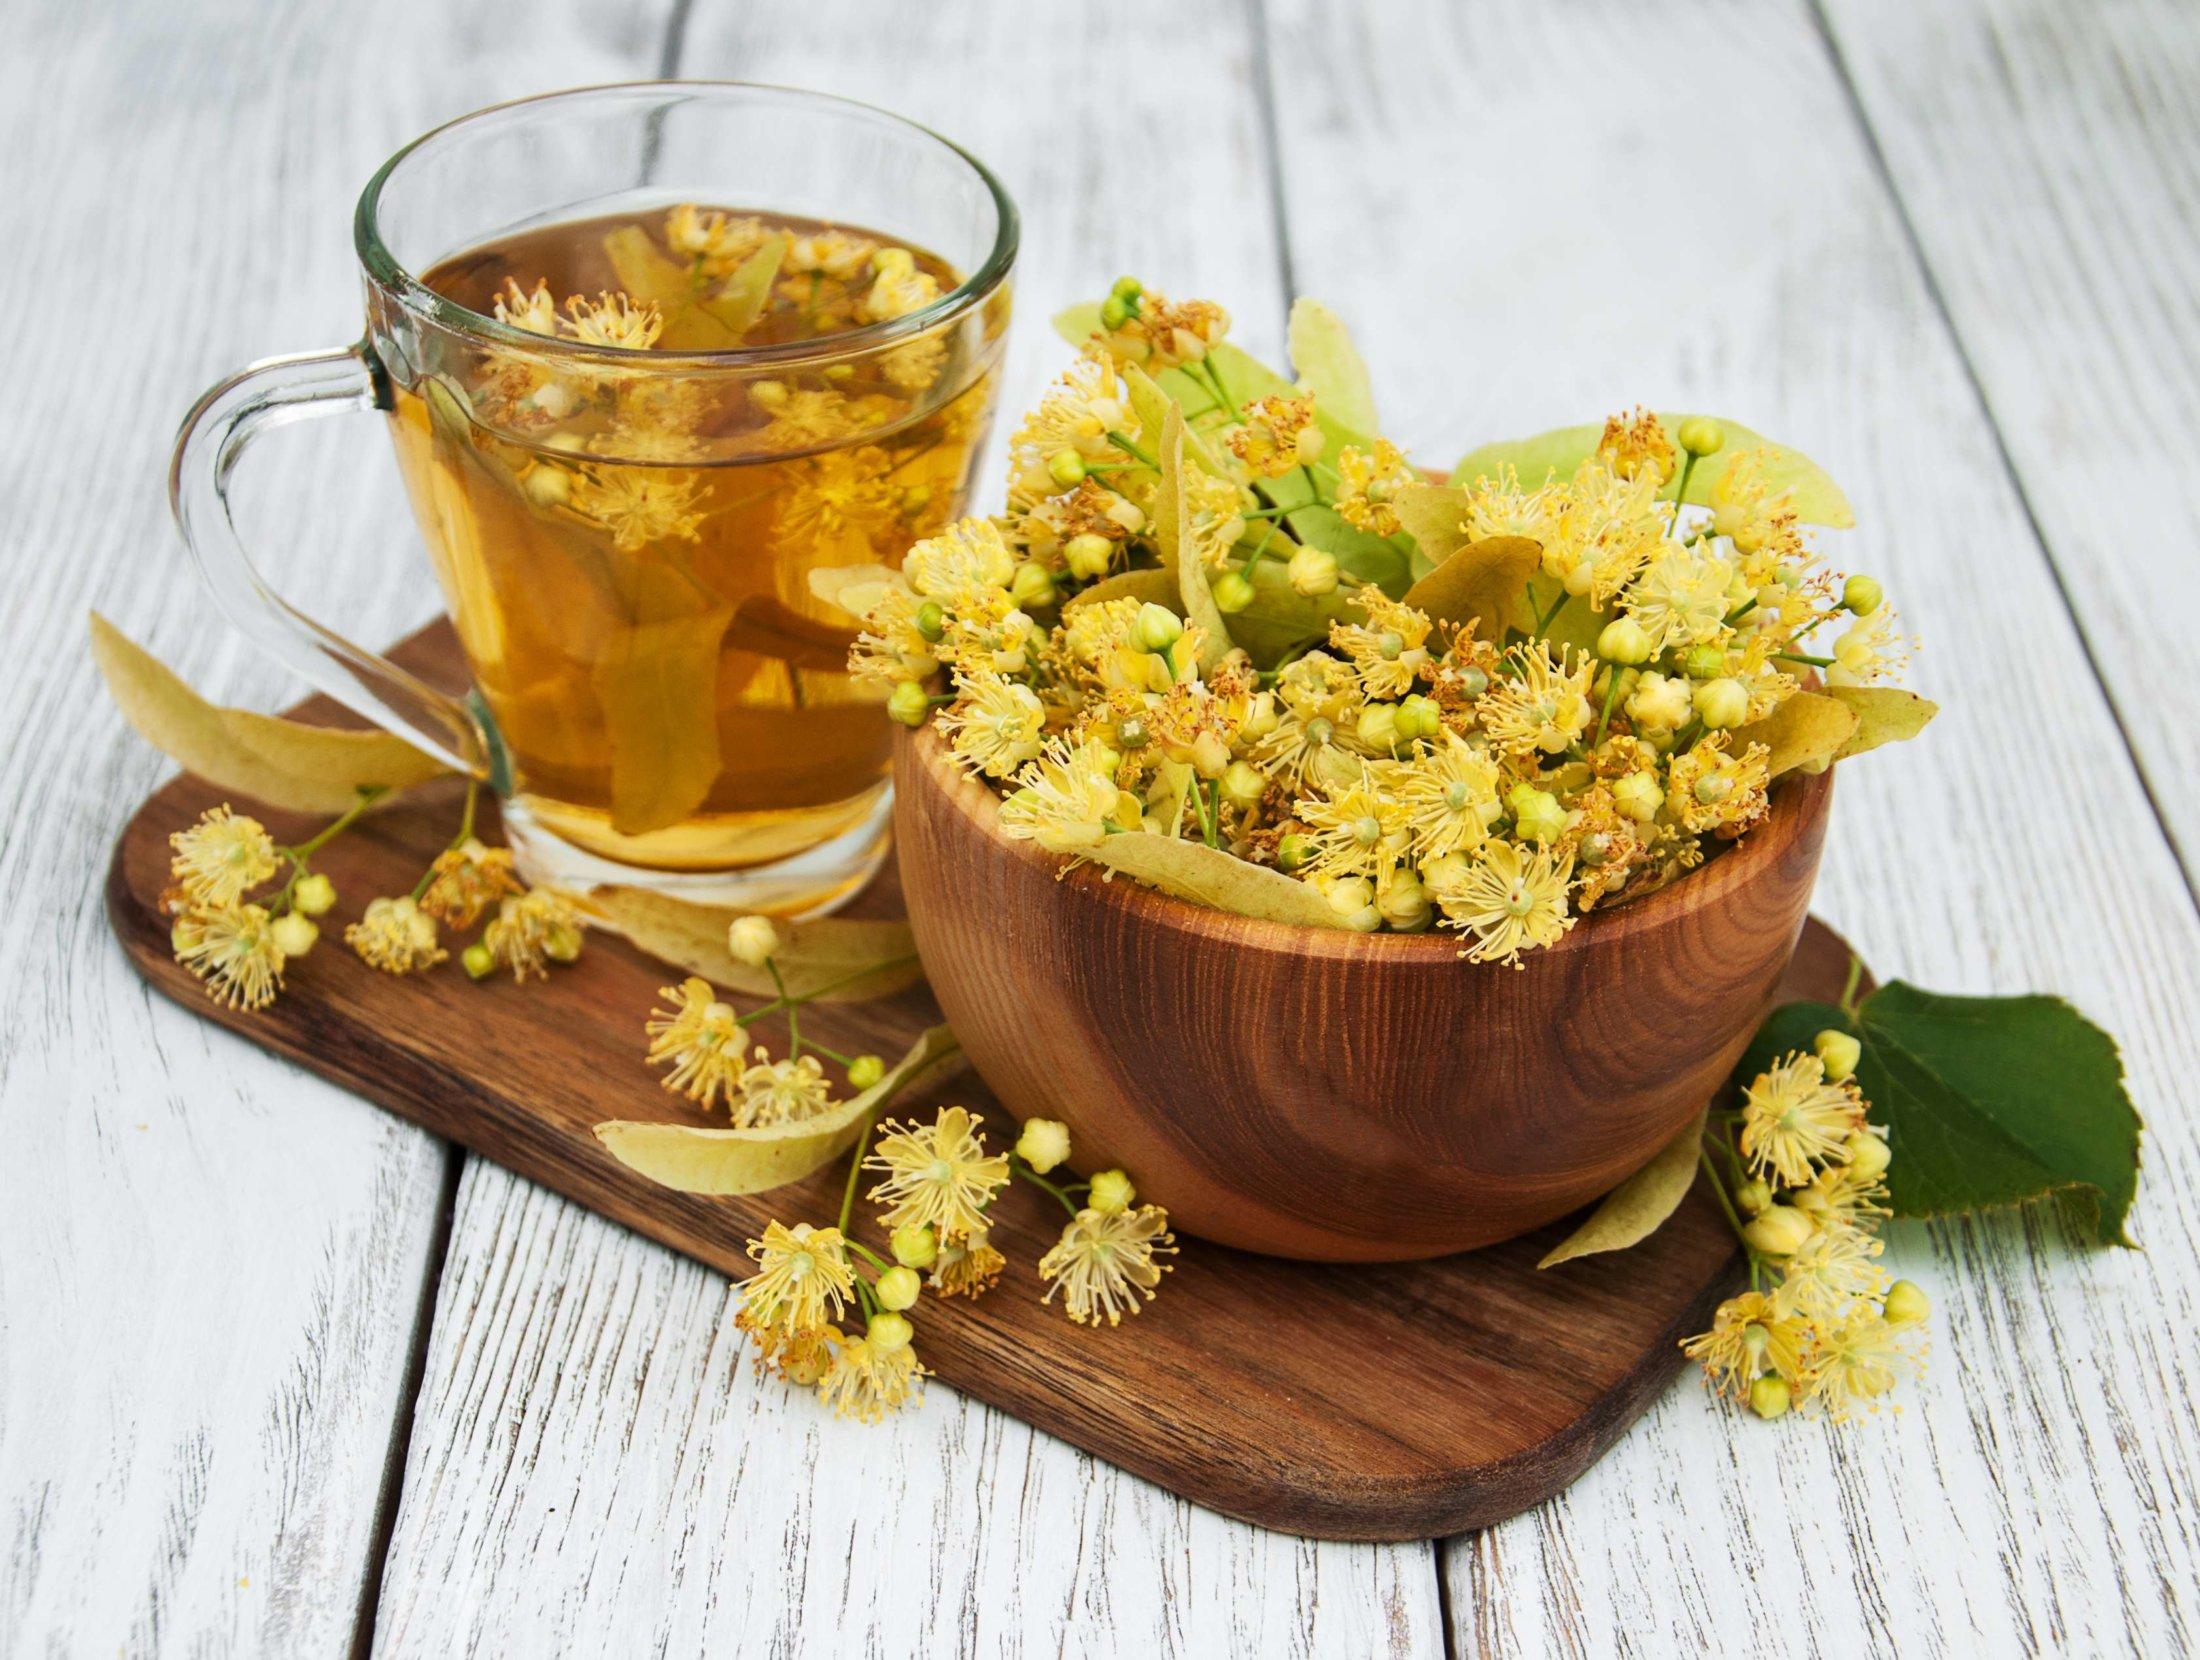 O chá de tília é muito conhecido pelas suas propriedades